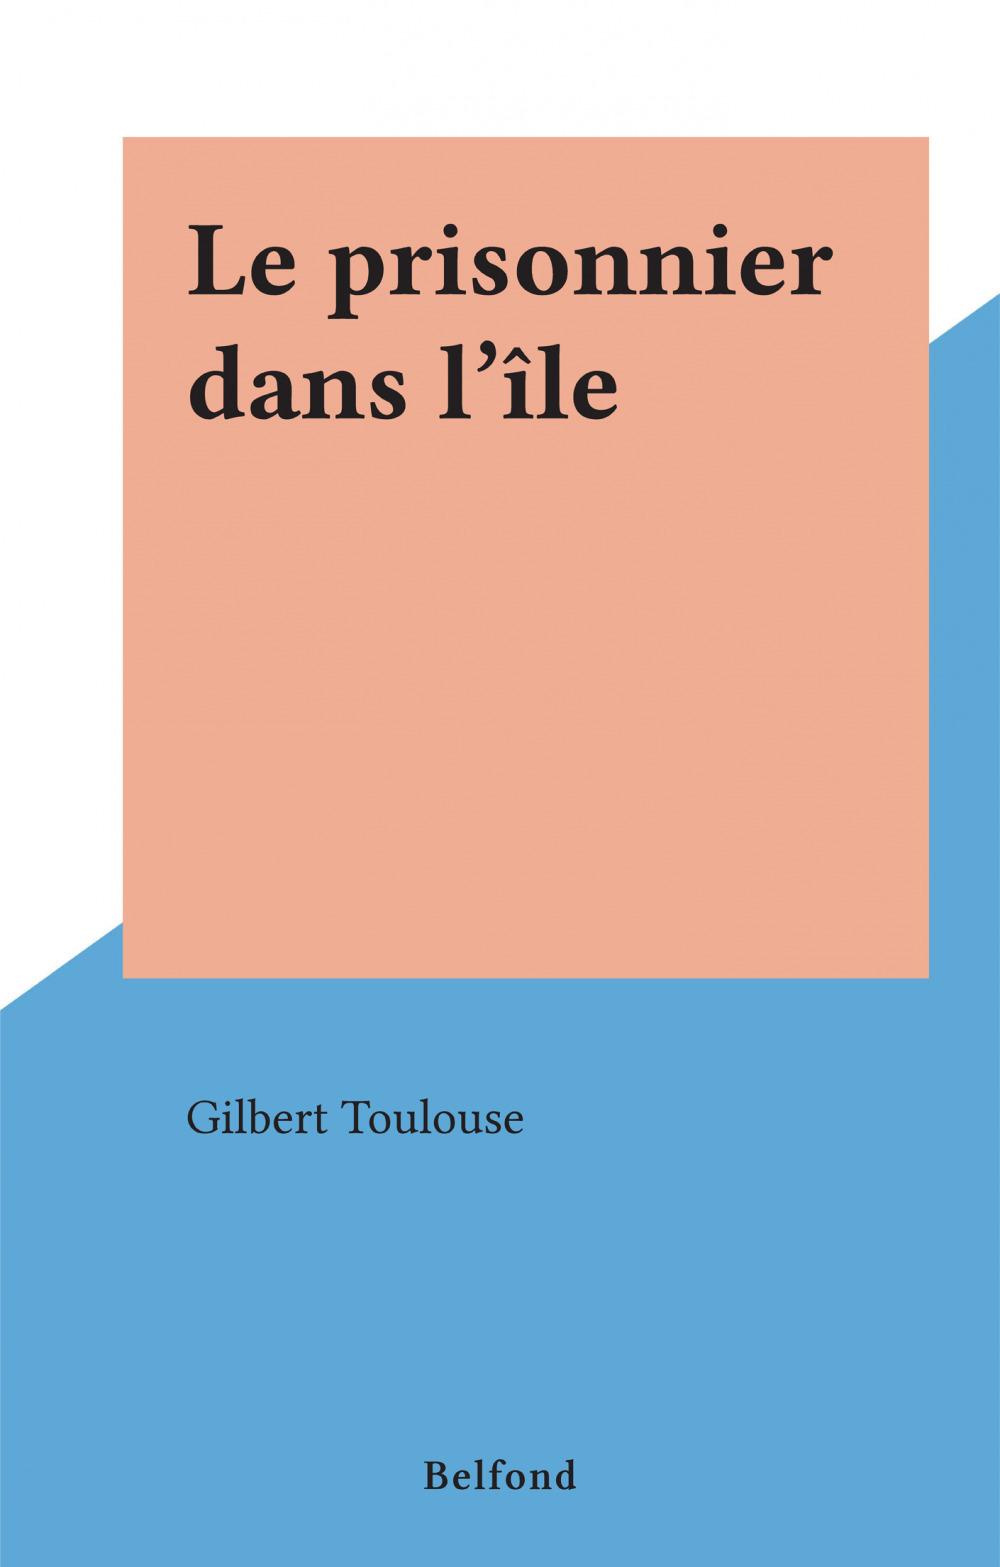 Le prisonnier dans l'île  - Gilbert Toulouse